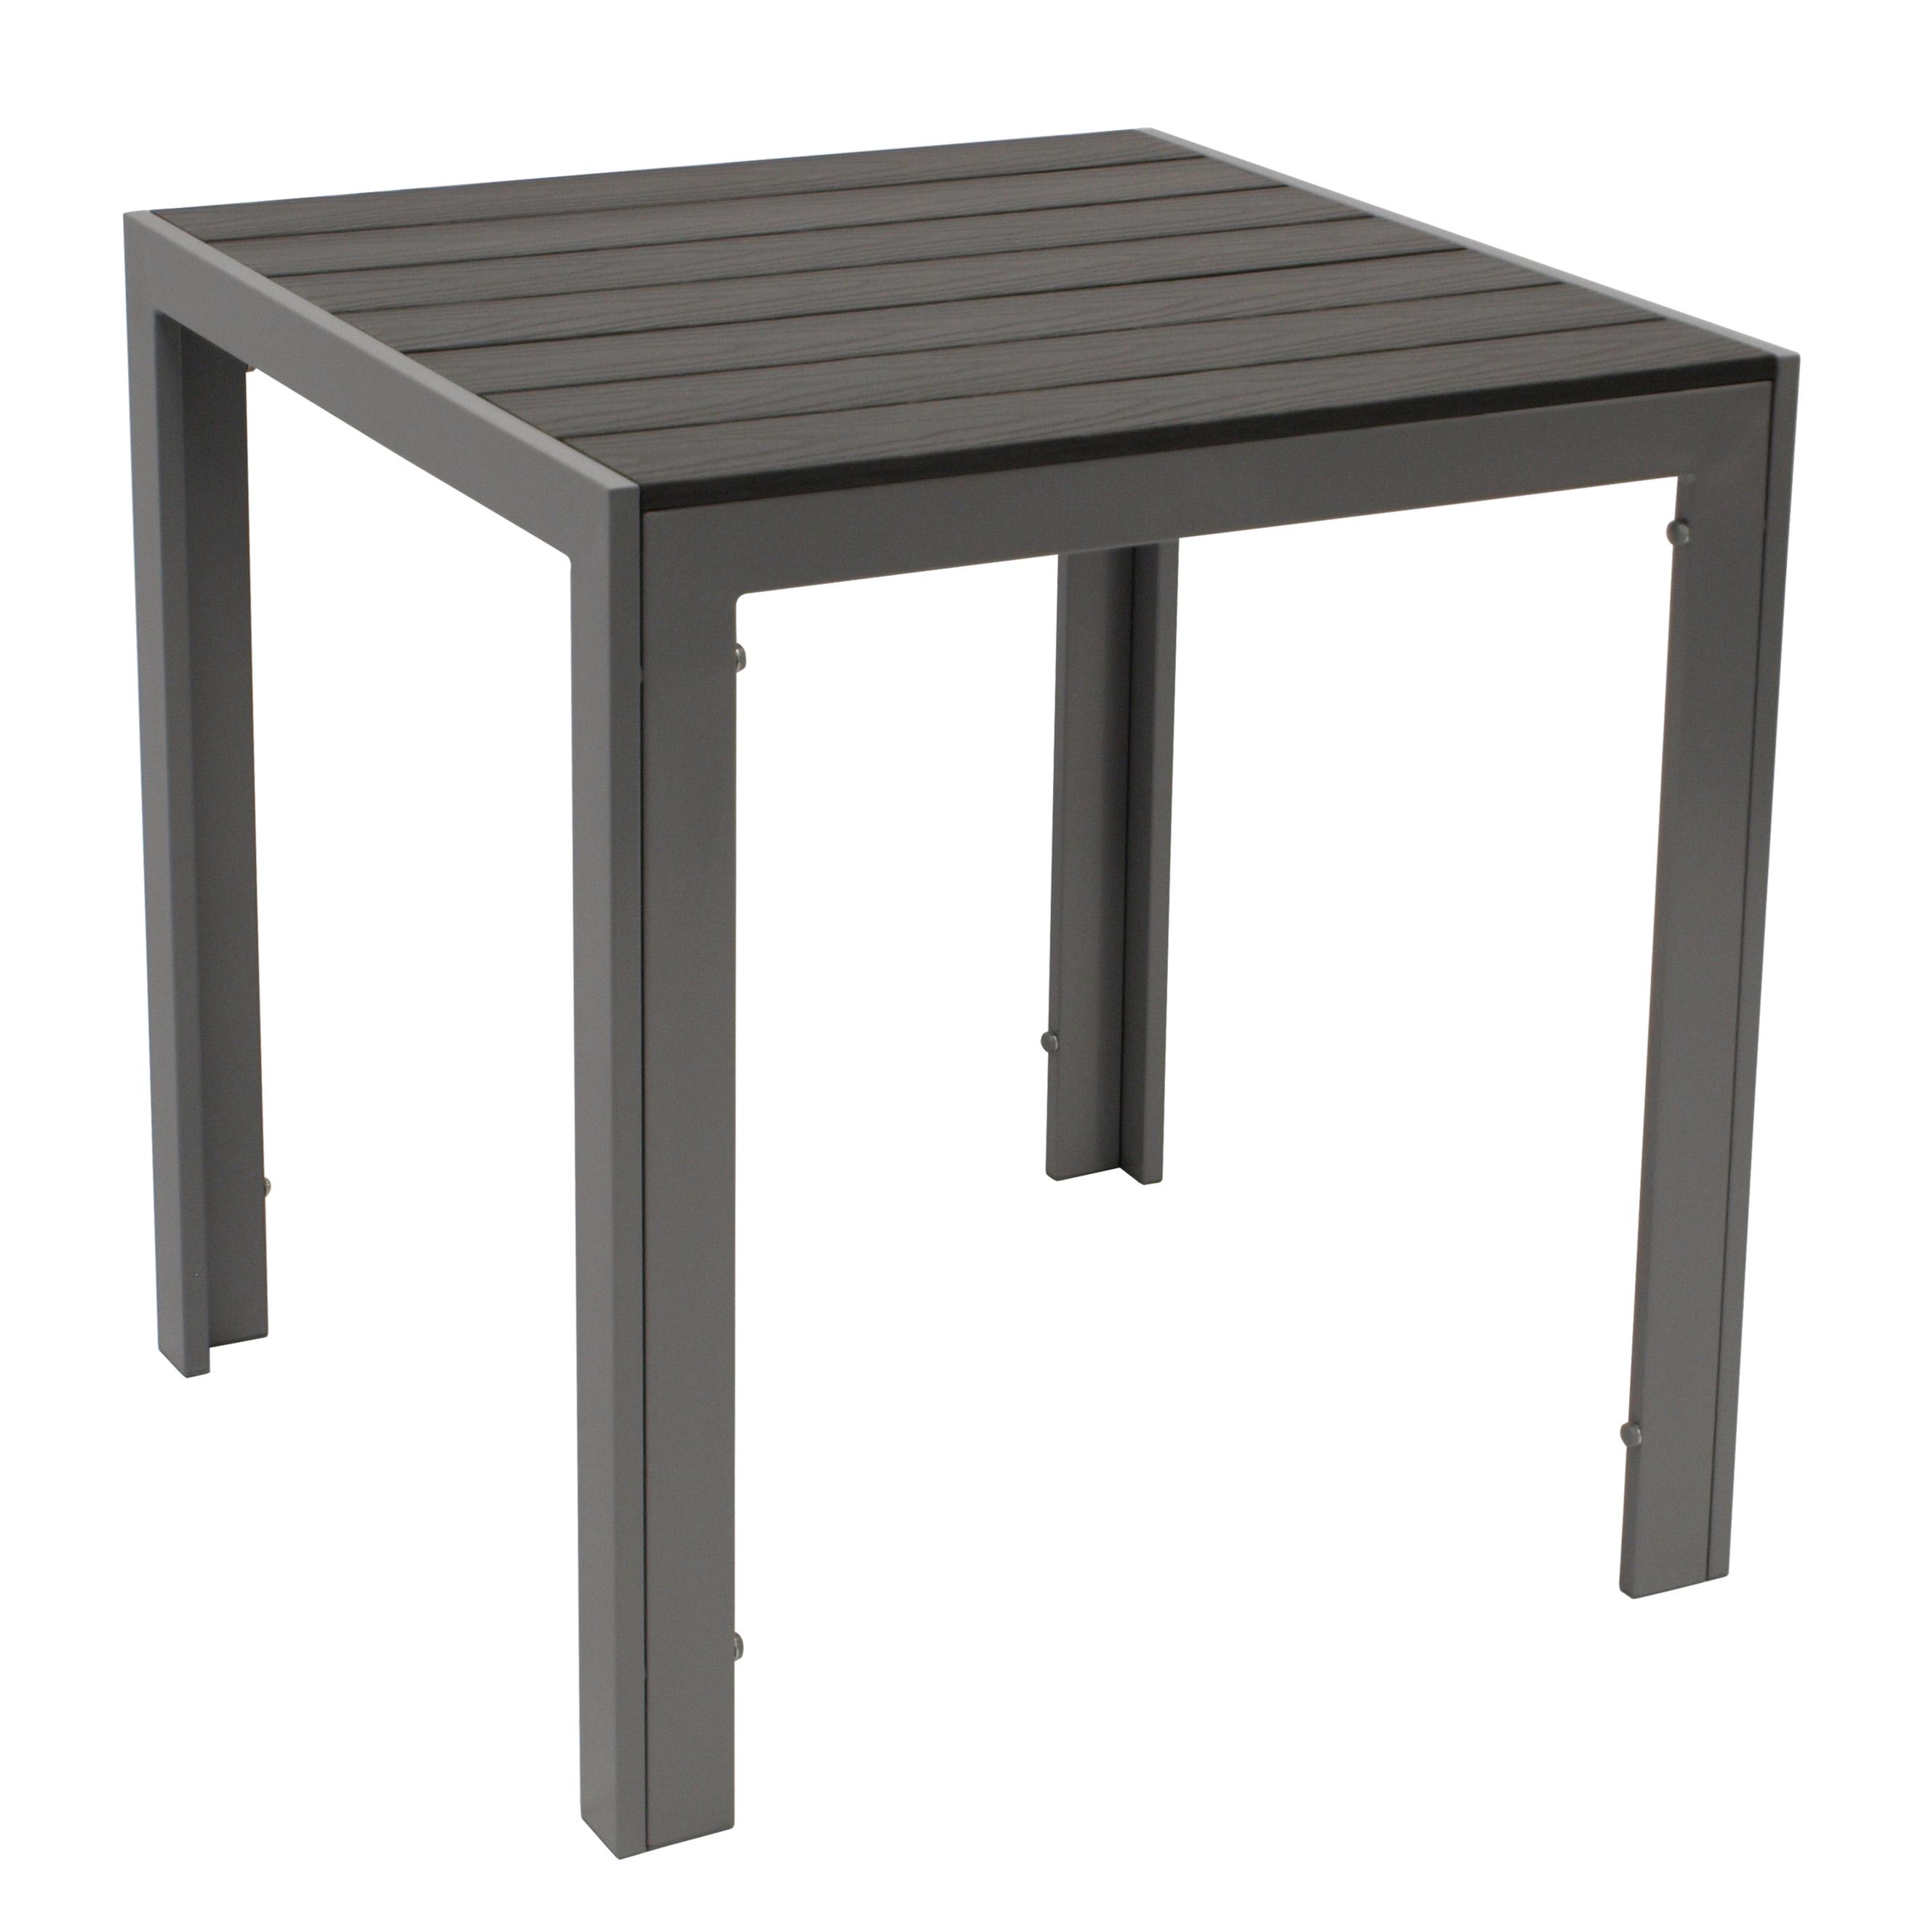 Tisch SORANO 70x70cm, Alu + Polywood grau